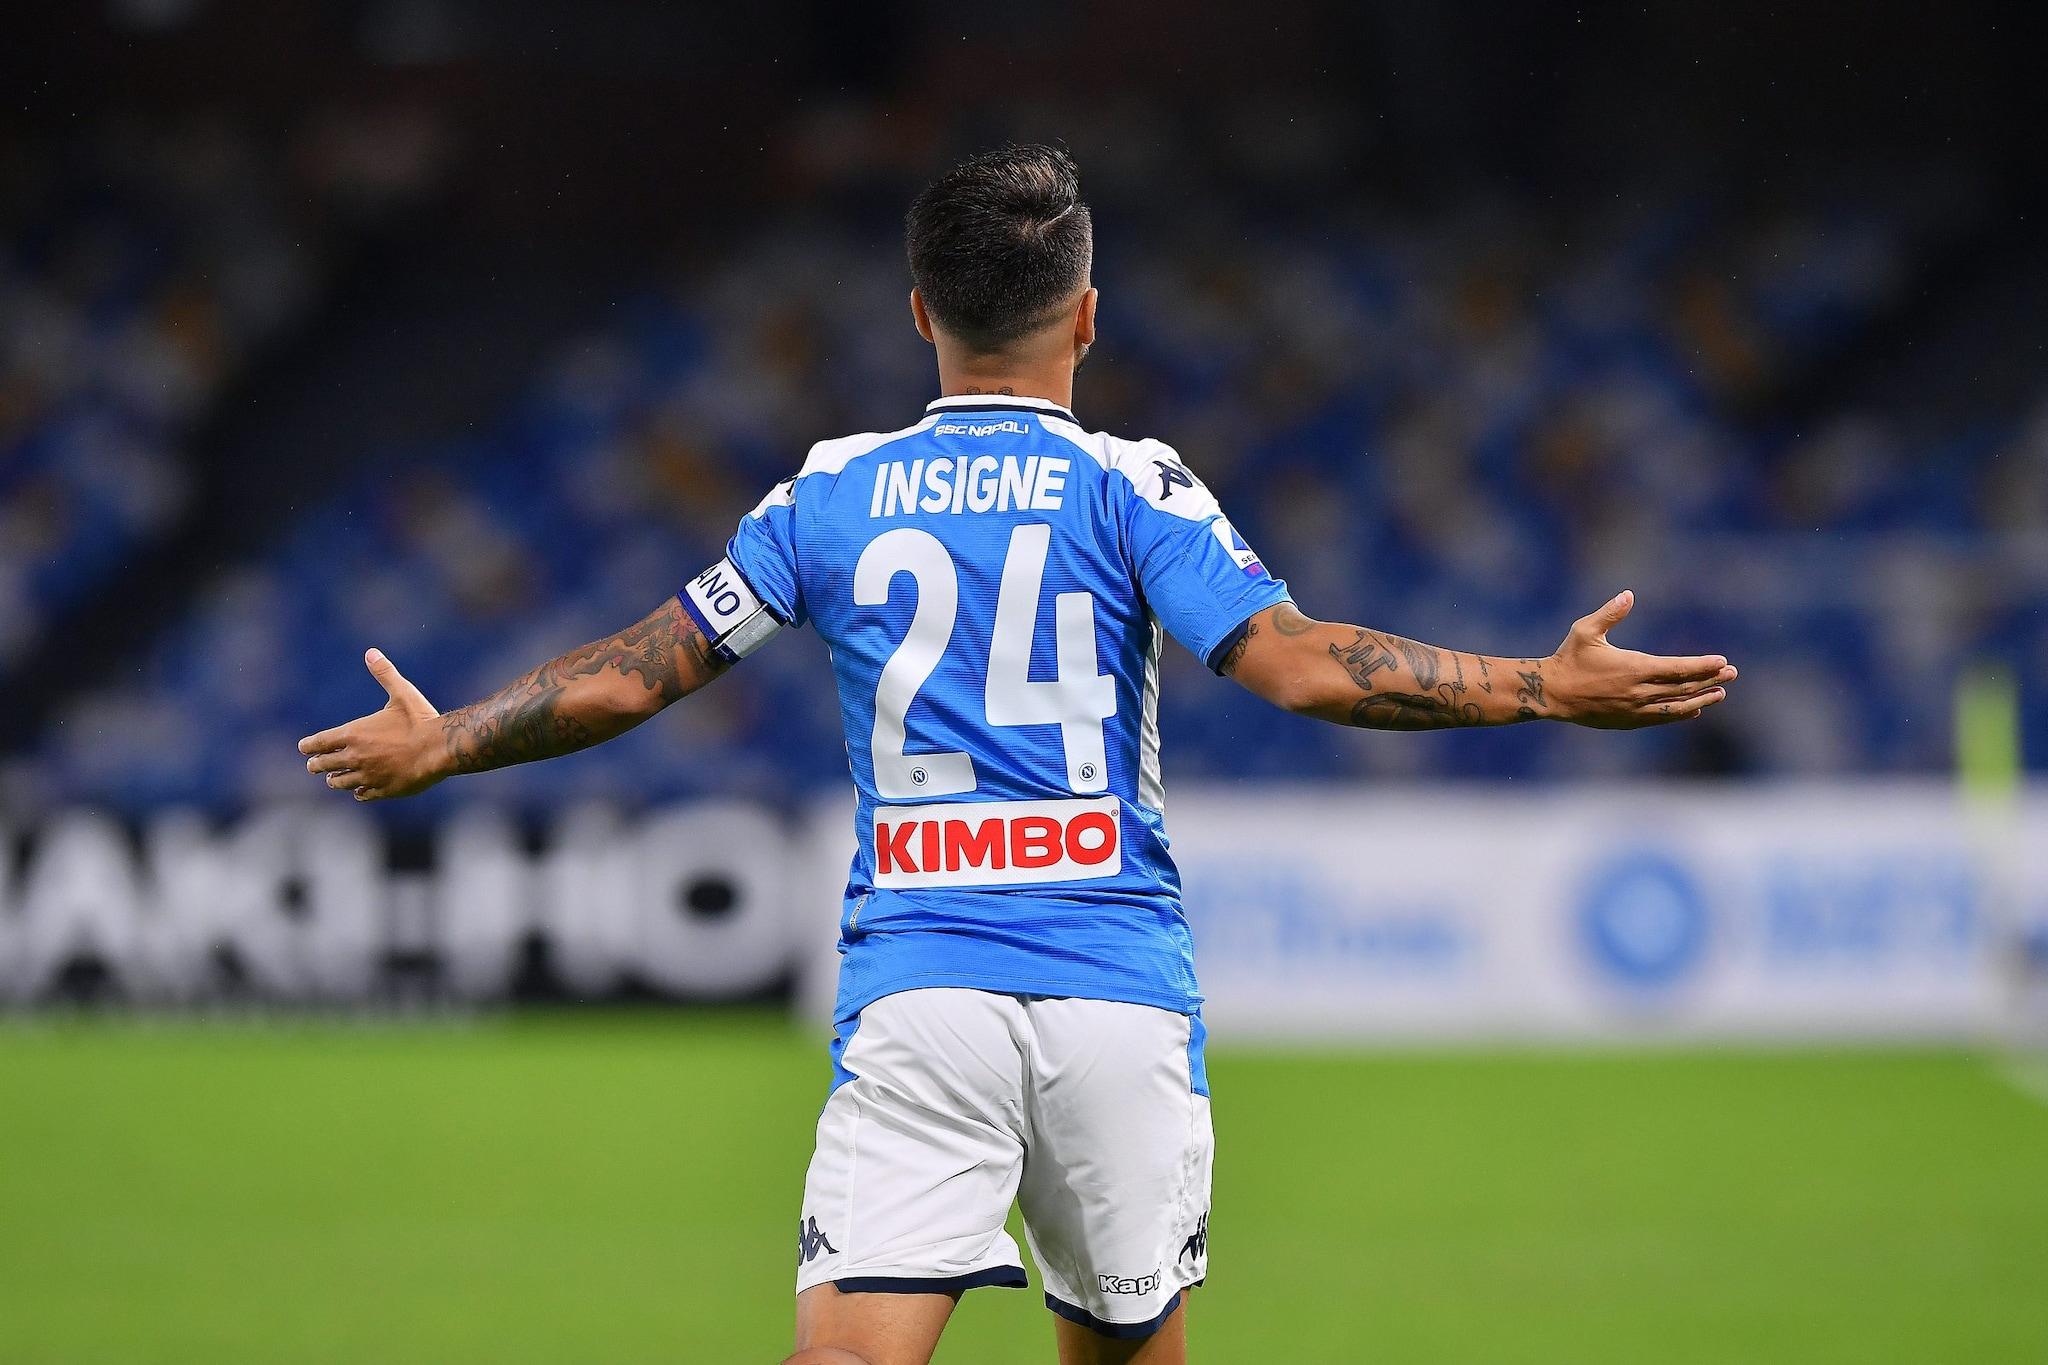 Insigne torna titolare contro il Bologna.